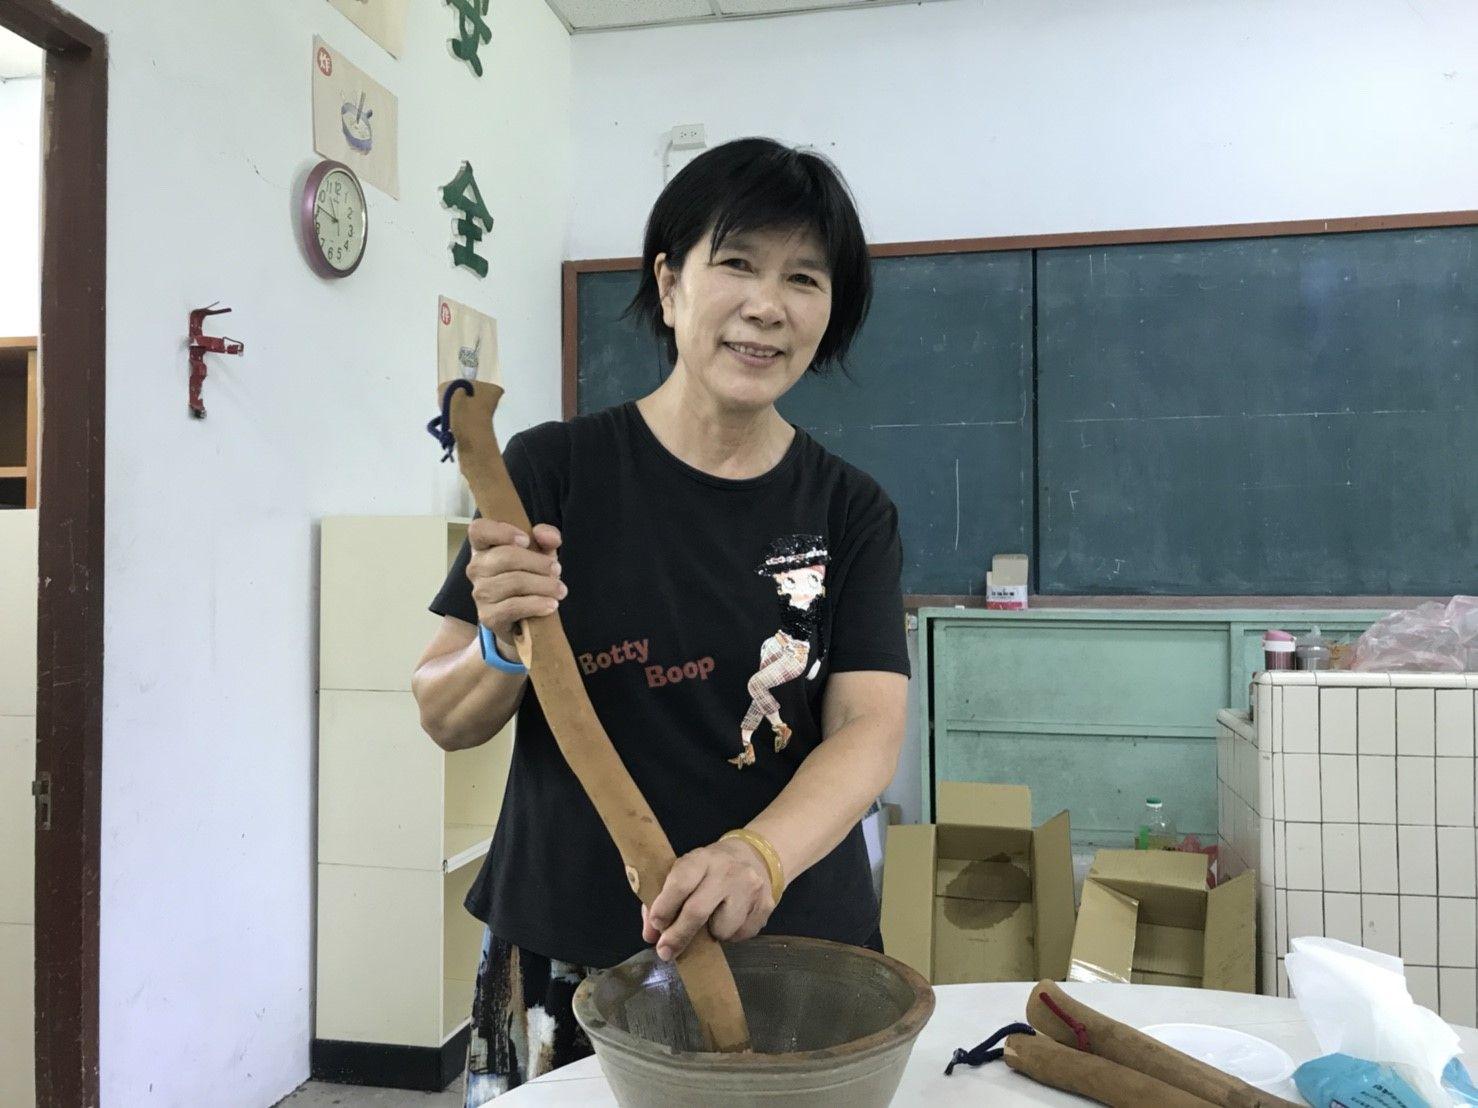 享受教學、退而不休   劉瑞琴老師獲選第15屆教育奉獻獎